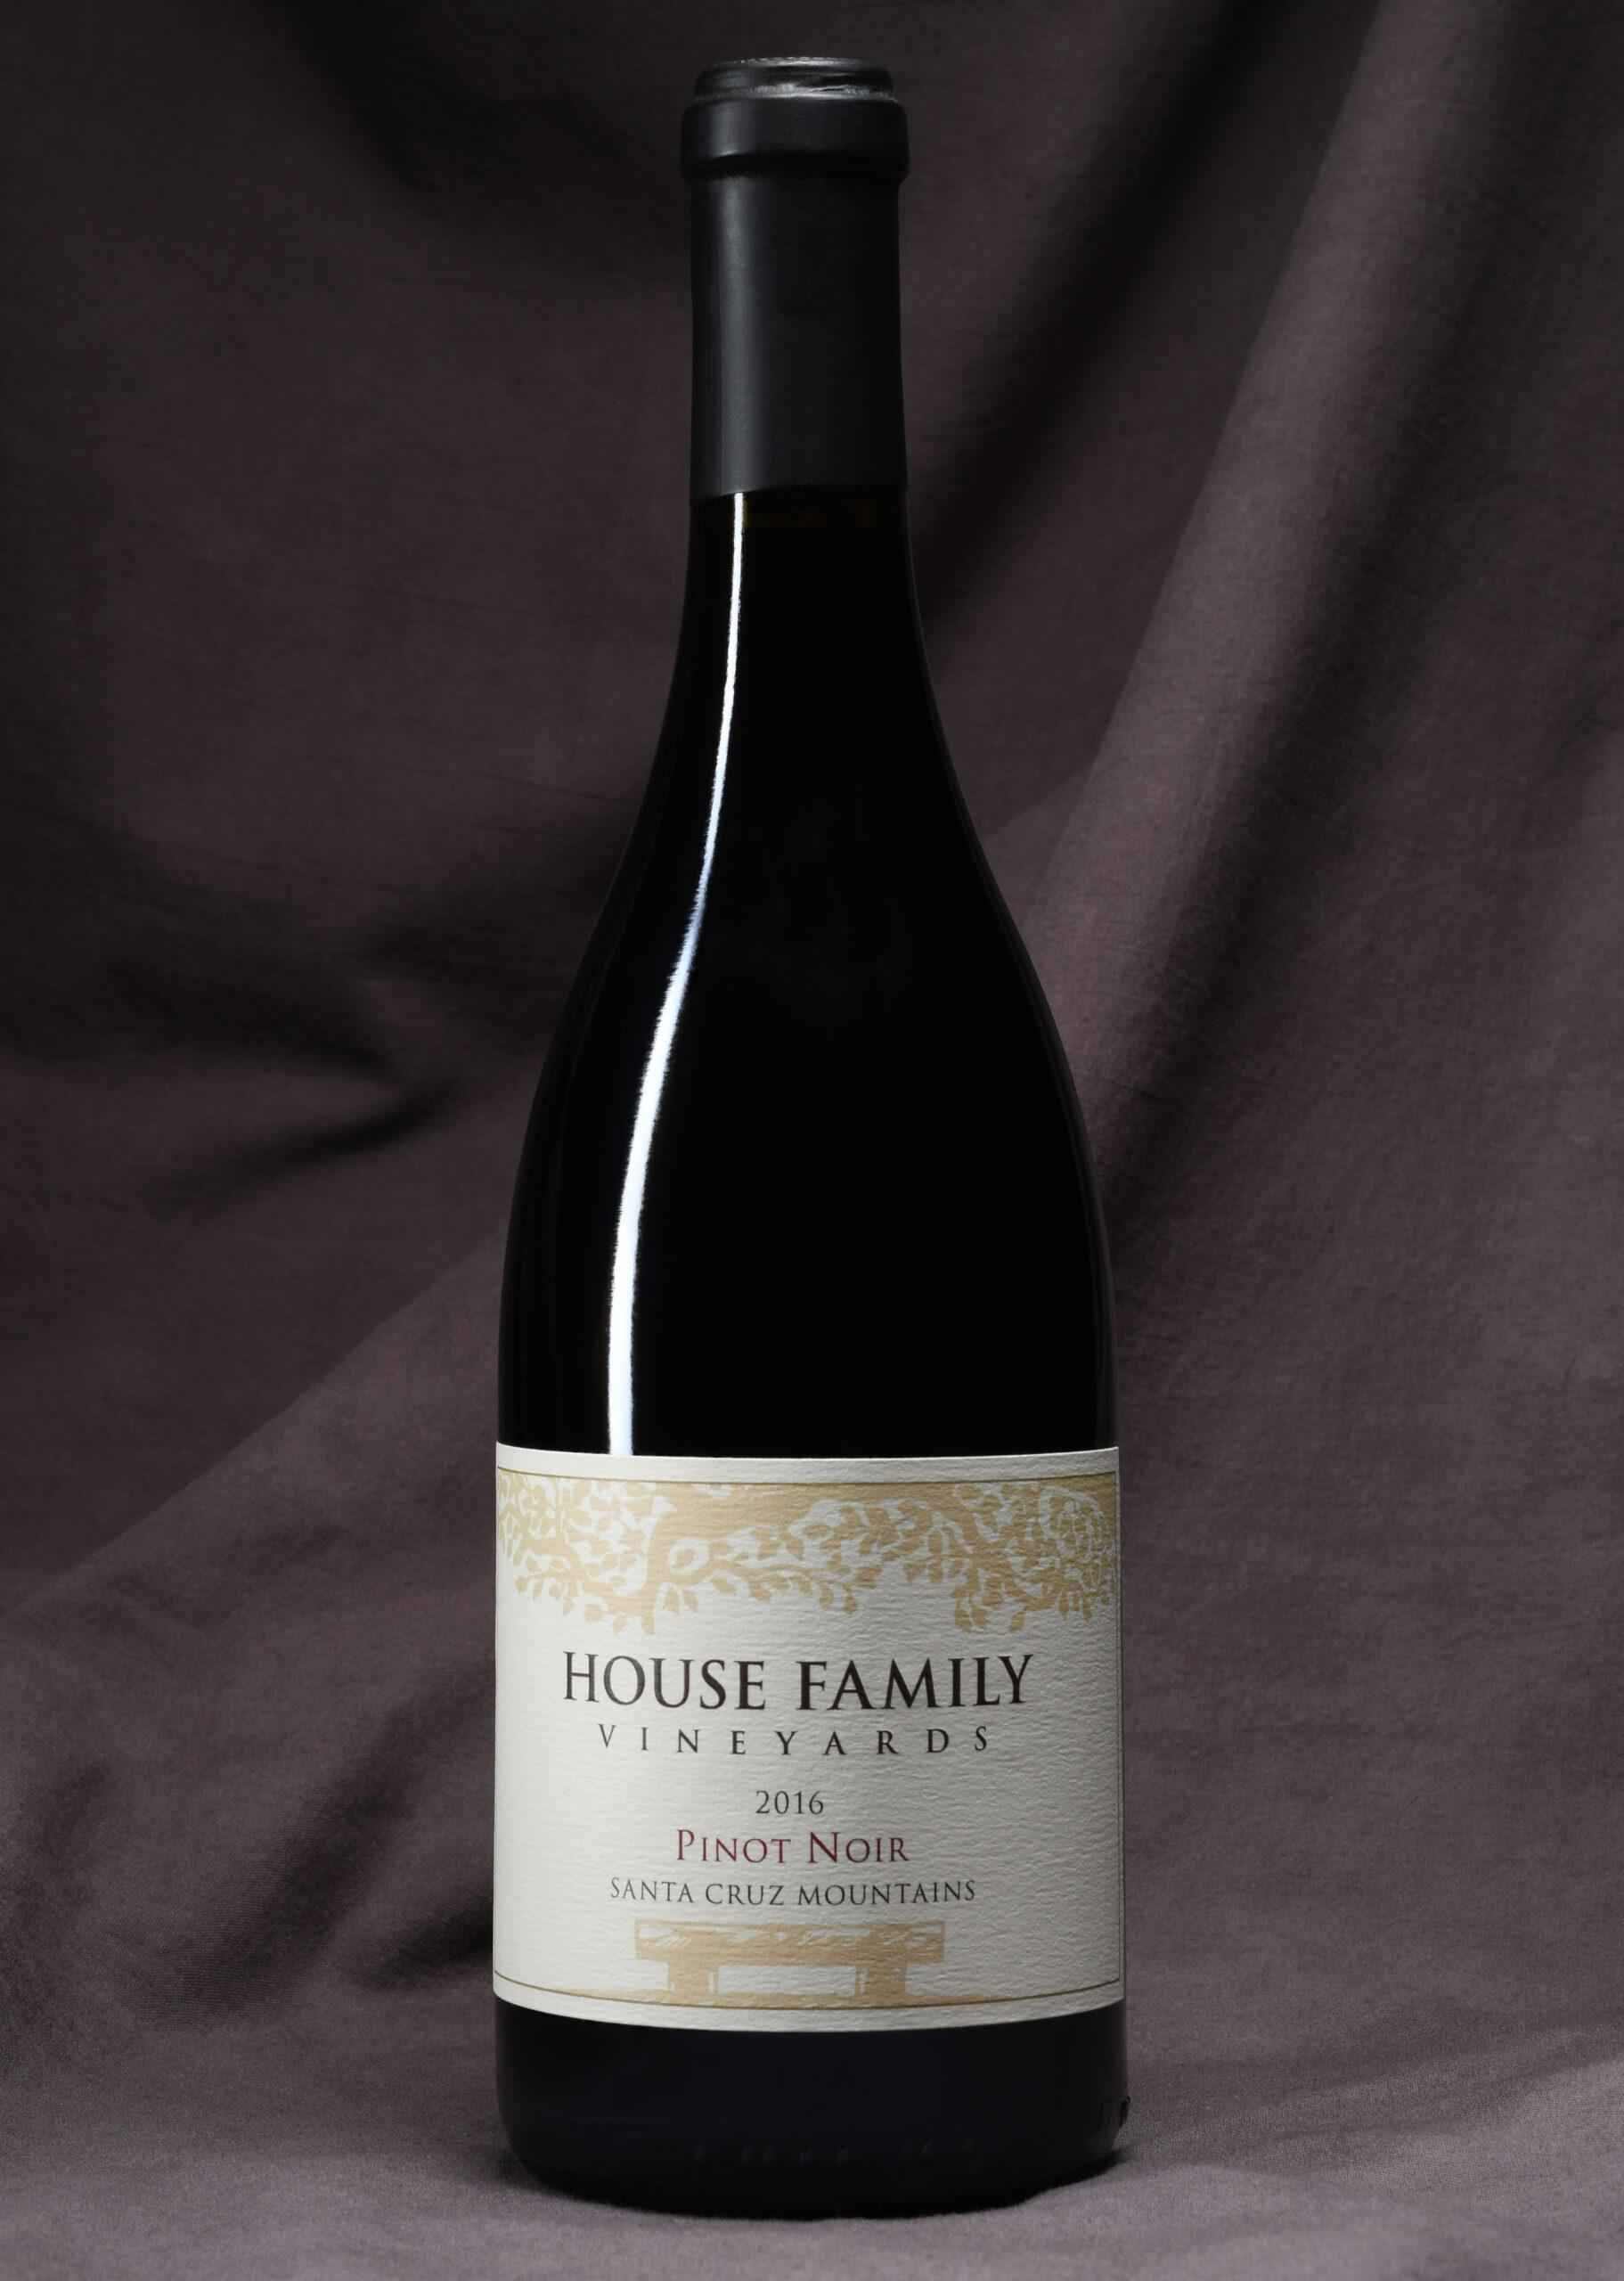 House Family Vineyards Pinot Noir bottle